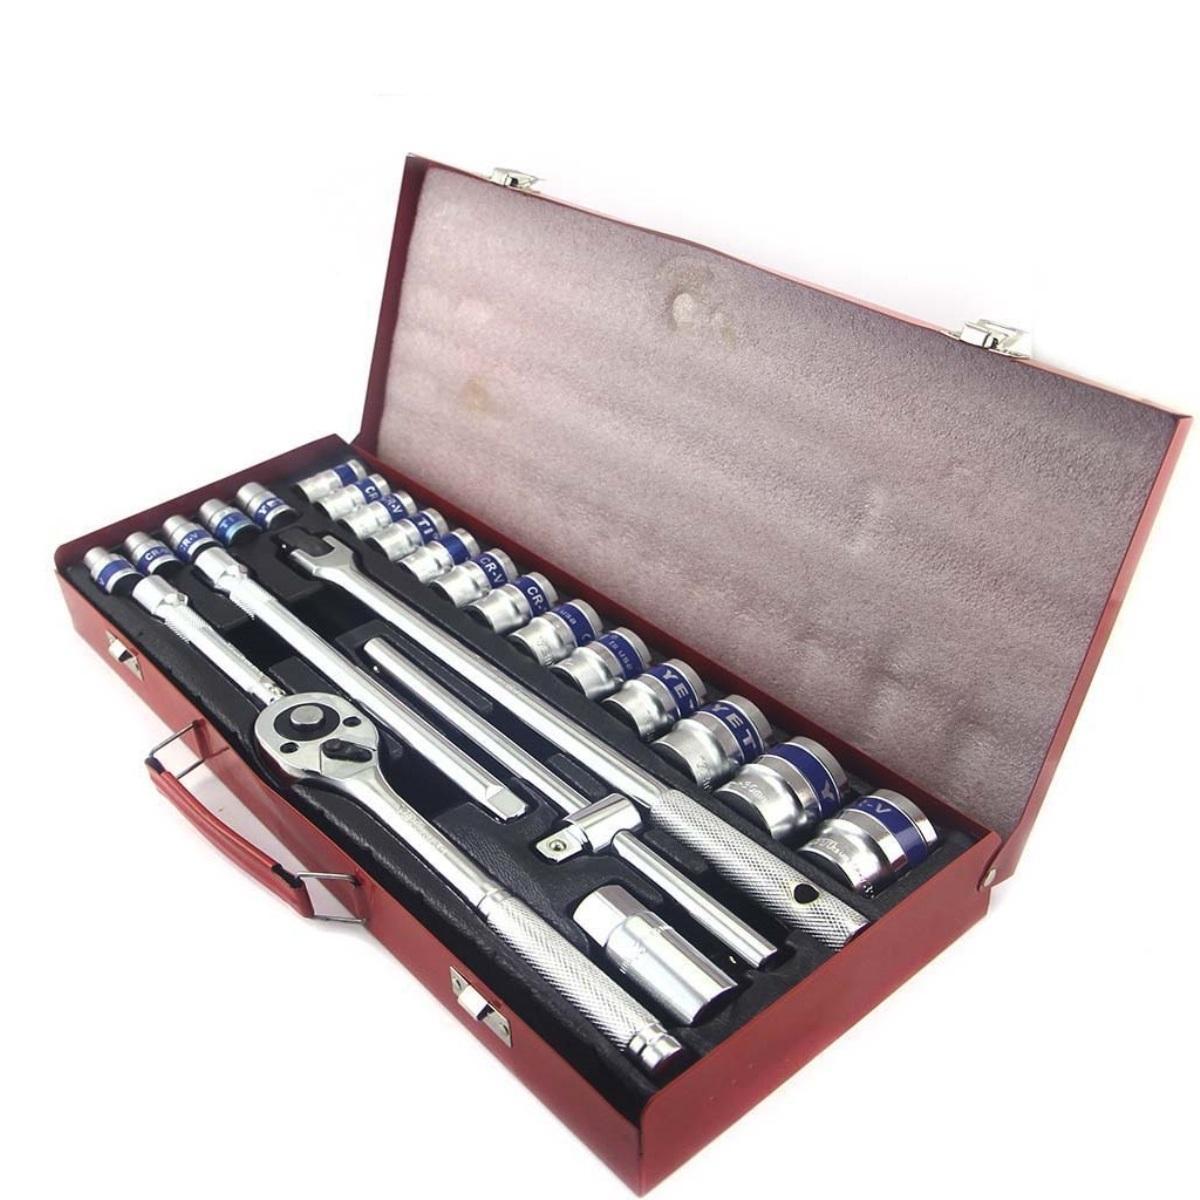 Bộ tuýp 24 món-Bộ 18 đầu tuýp 10-32 mm và 3 cần siết lực